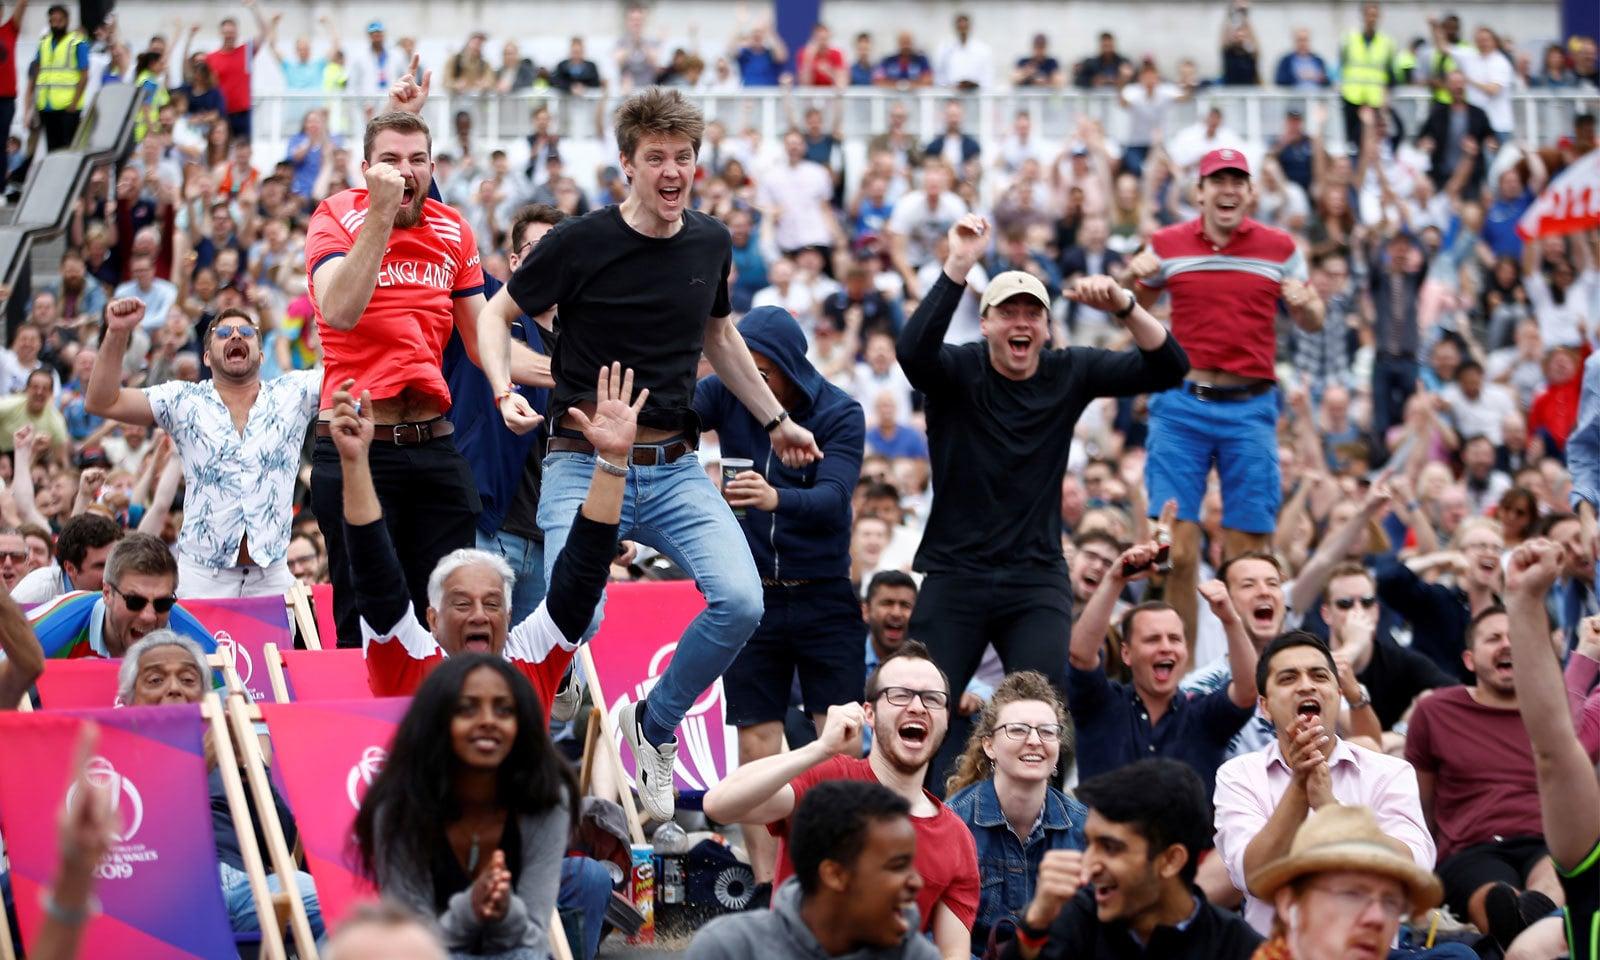 لندن میں ٹرافیگولر اسکوائر پر شائقین کرکٹ میچ سے لطف اندوز ہوئے اور انگلینڈ کو بھرپور سپورٹ کیا— فوٹو: رائٹرز